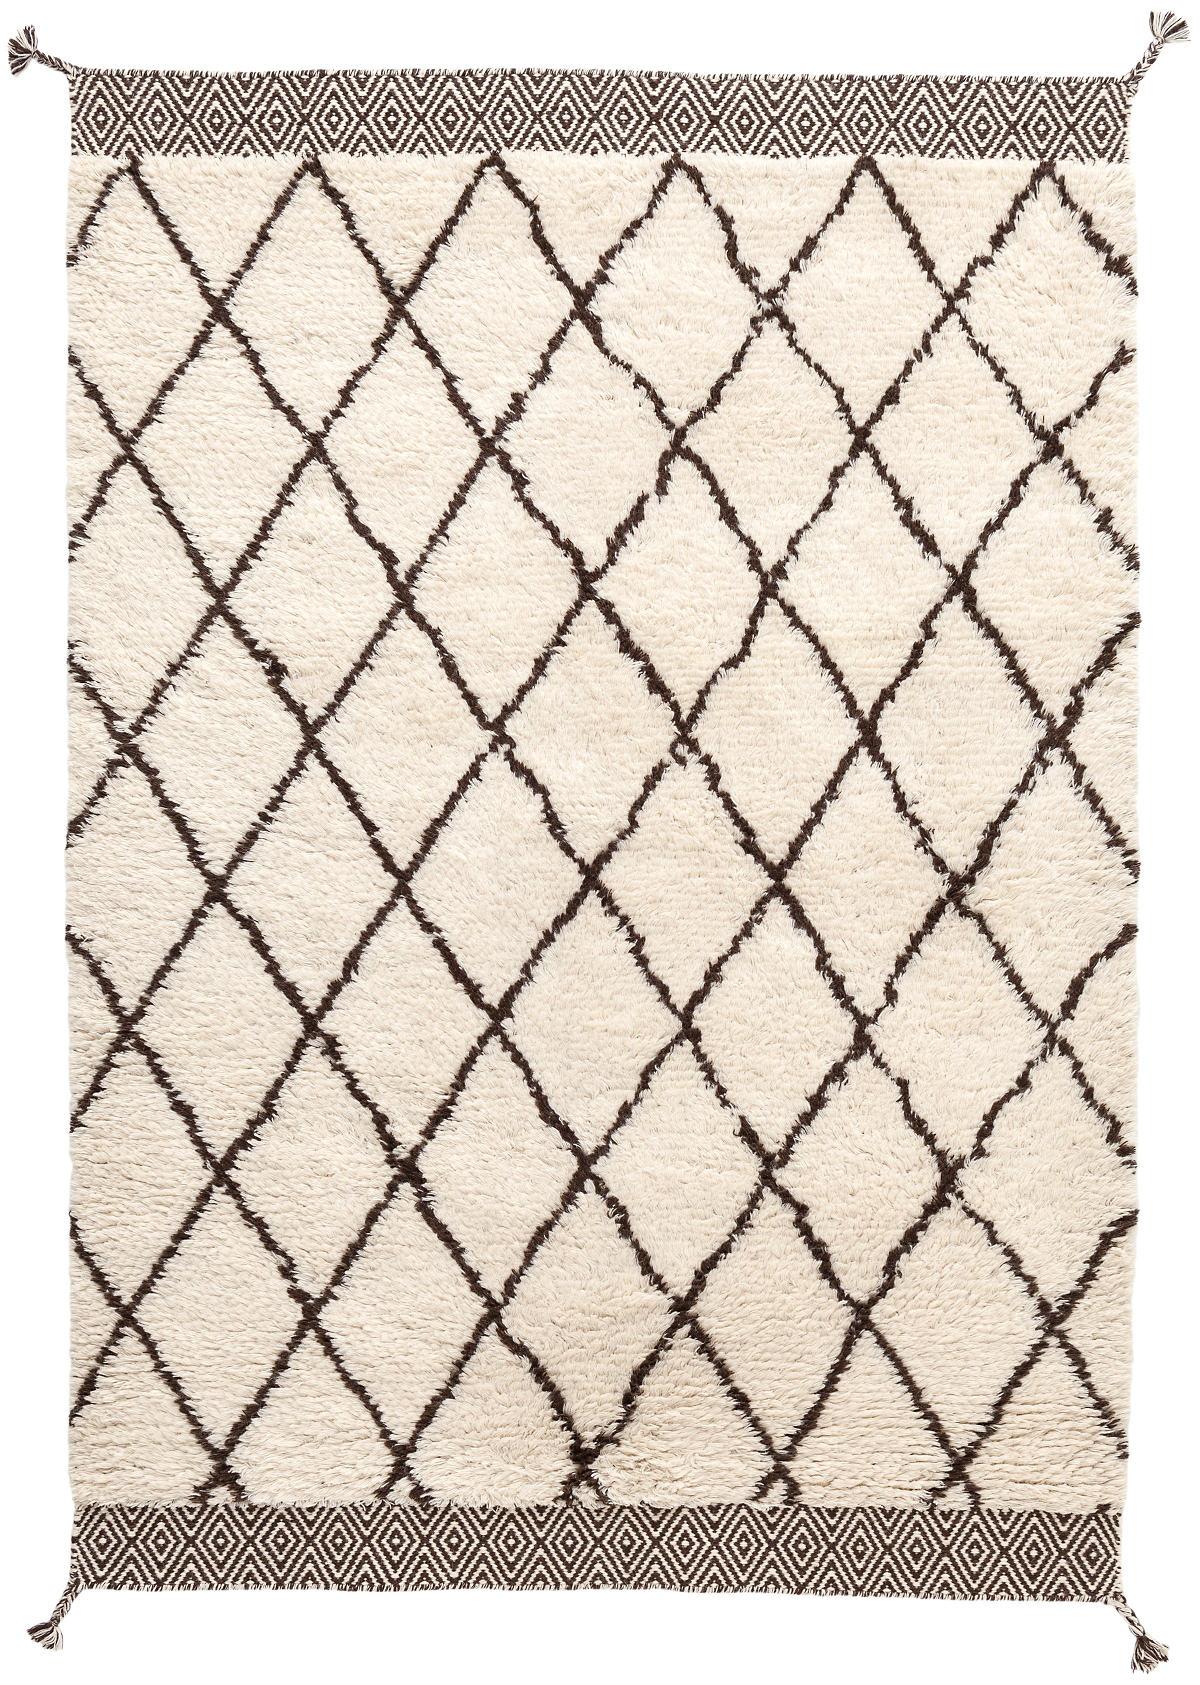 Kenzi Wool Woven Rug